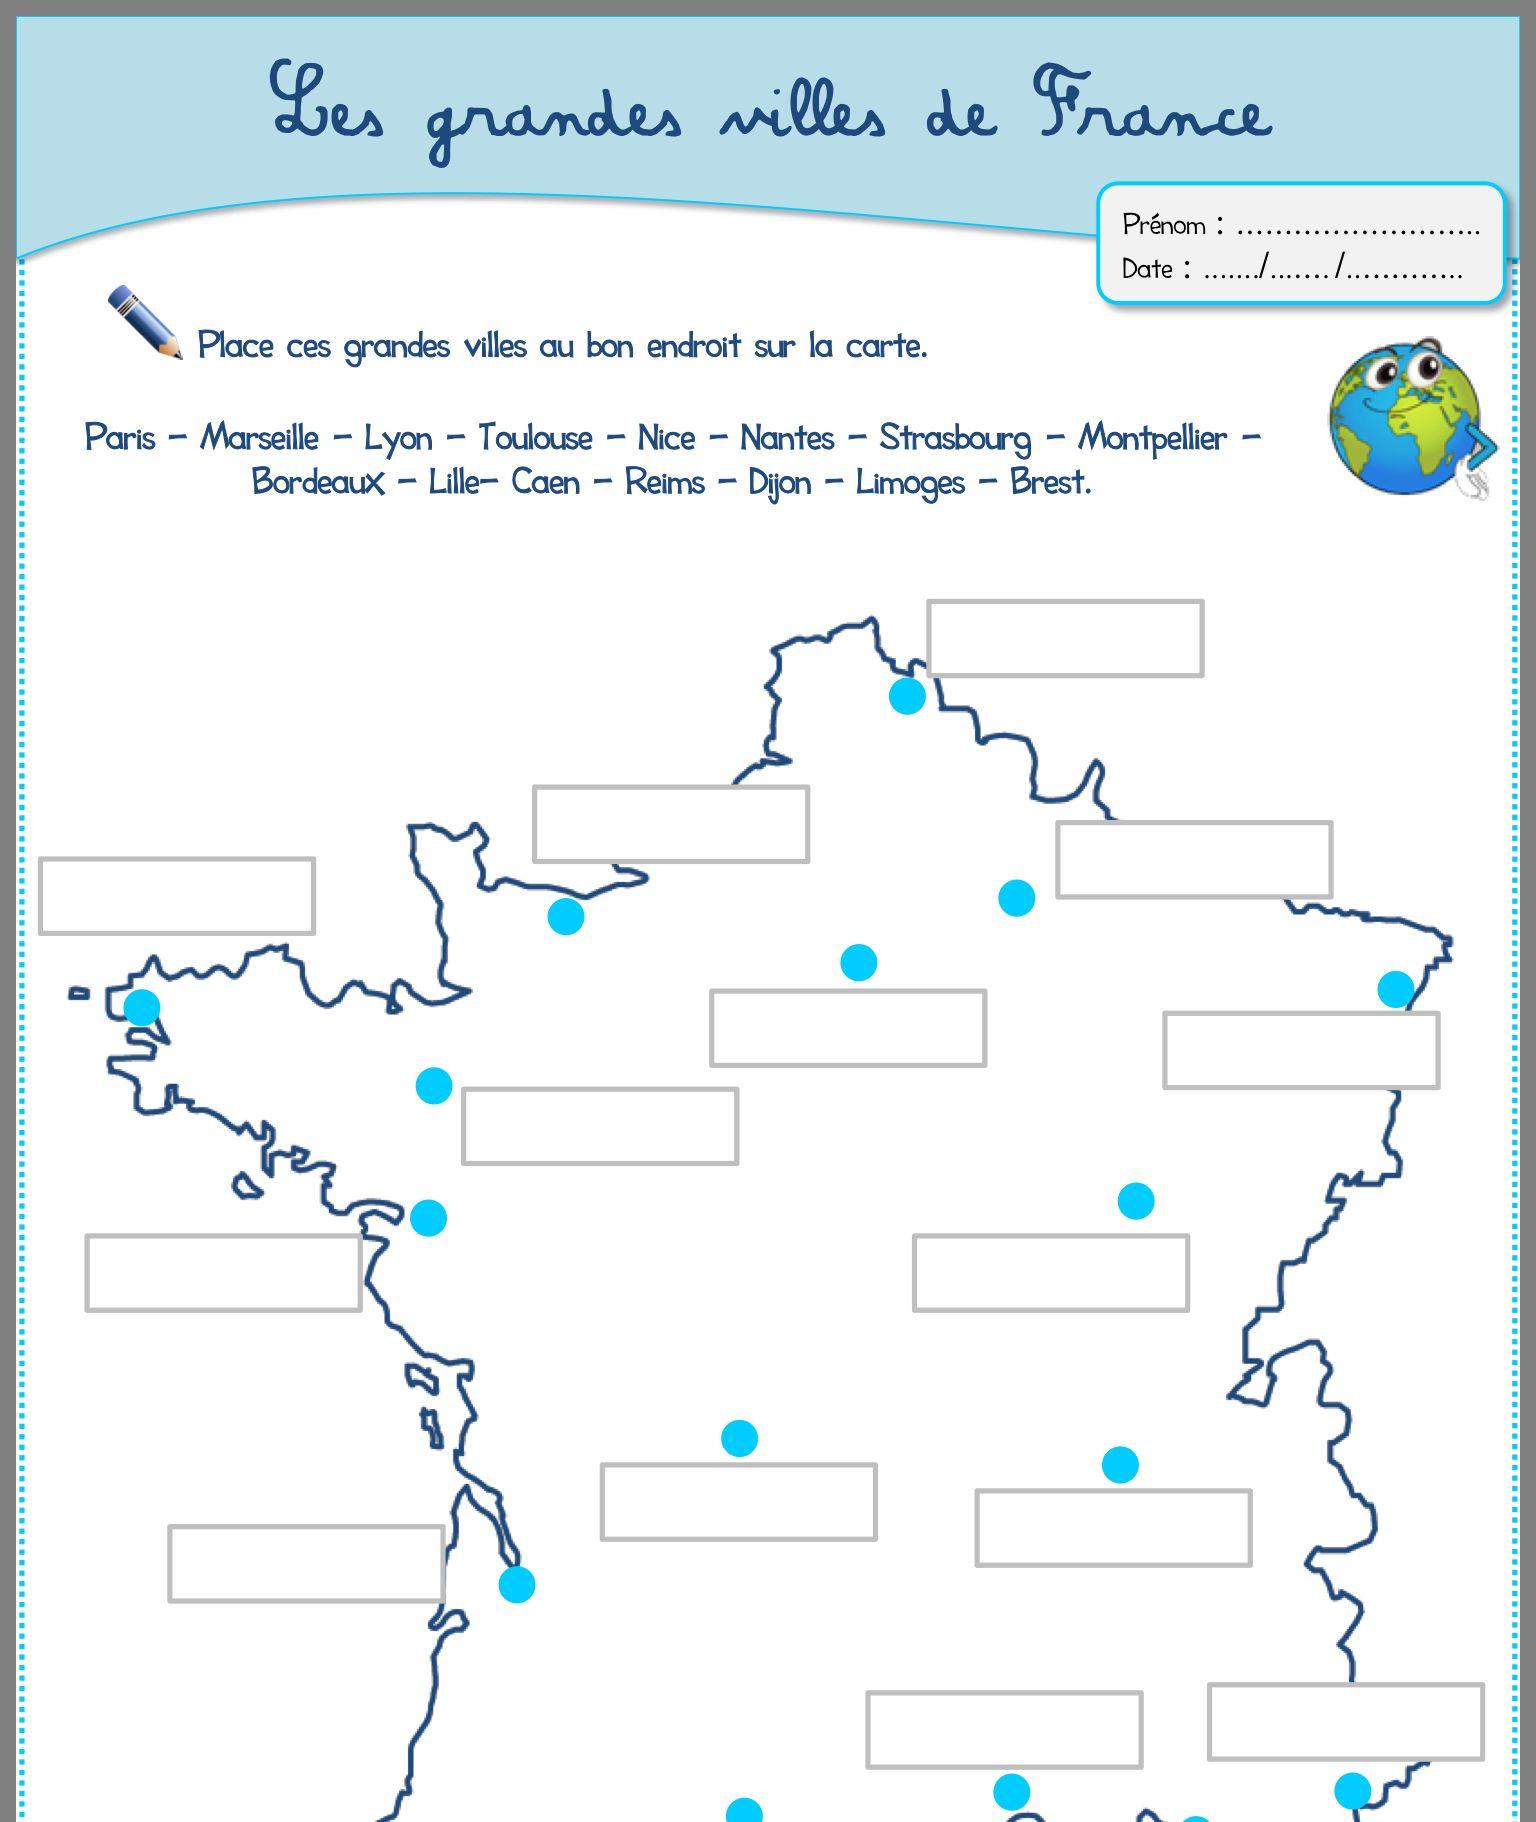 Les Grandes Villes En France | Ville France, Géographie destiné Carte De La France Avec Les Grandes Villes